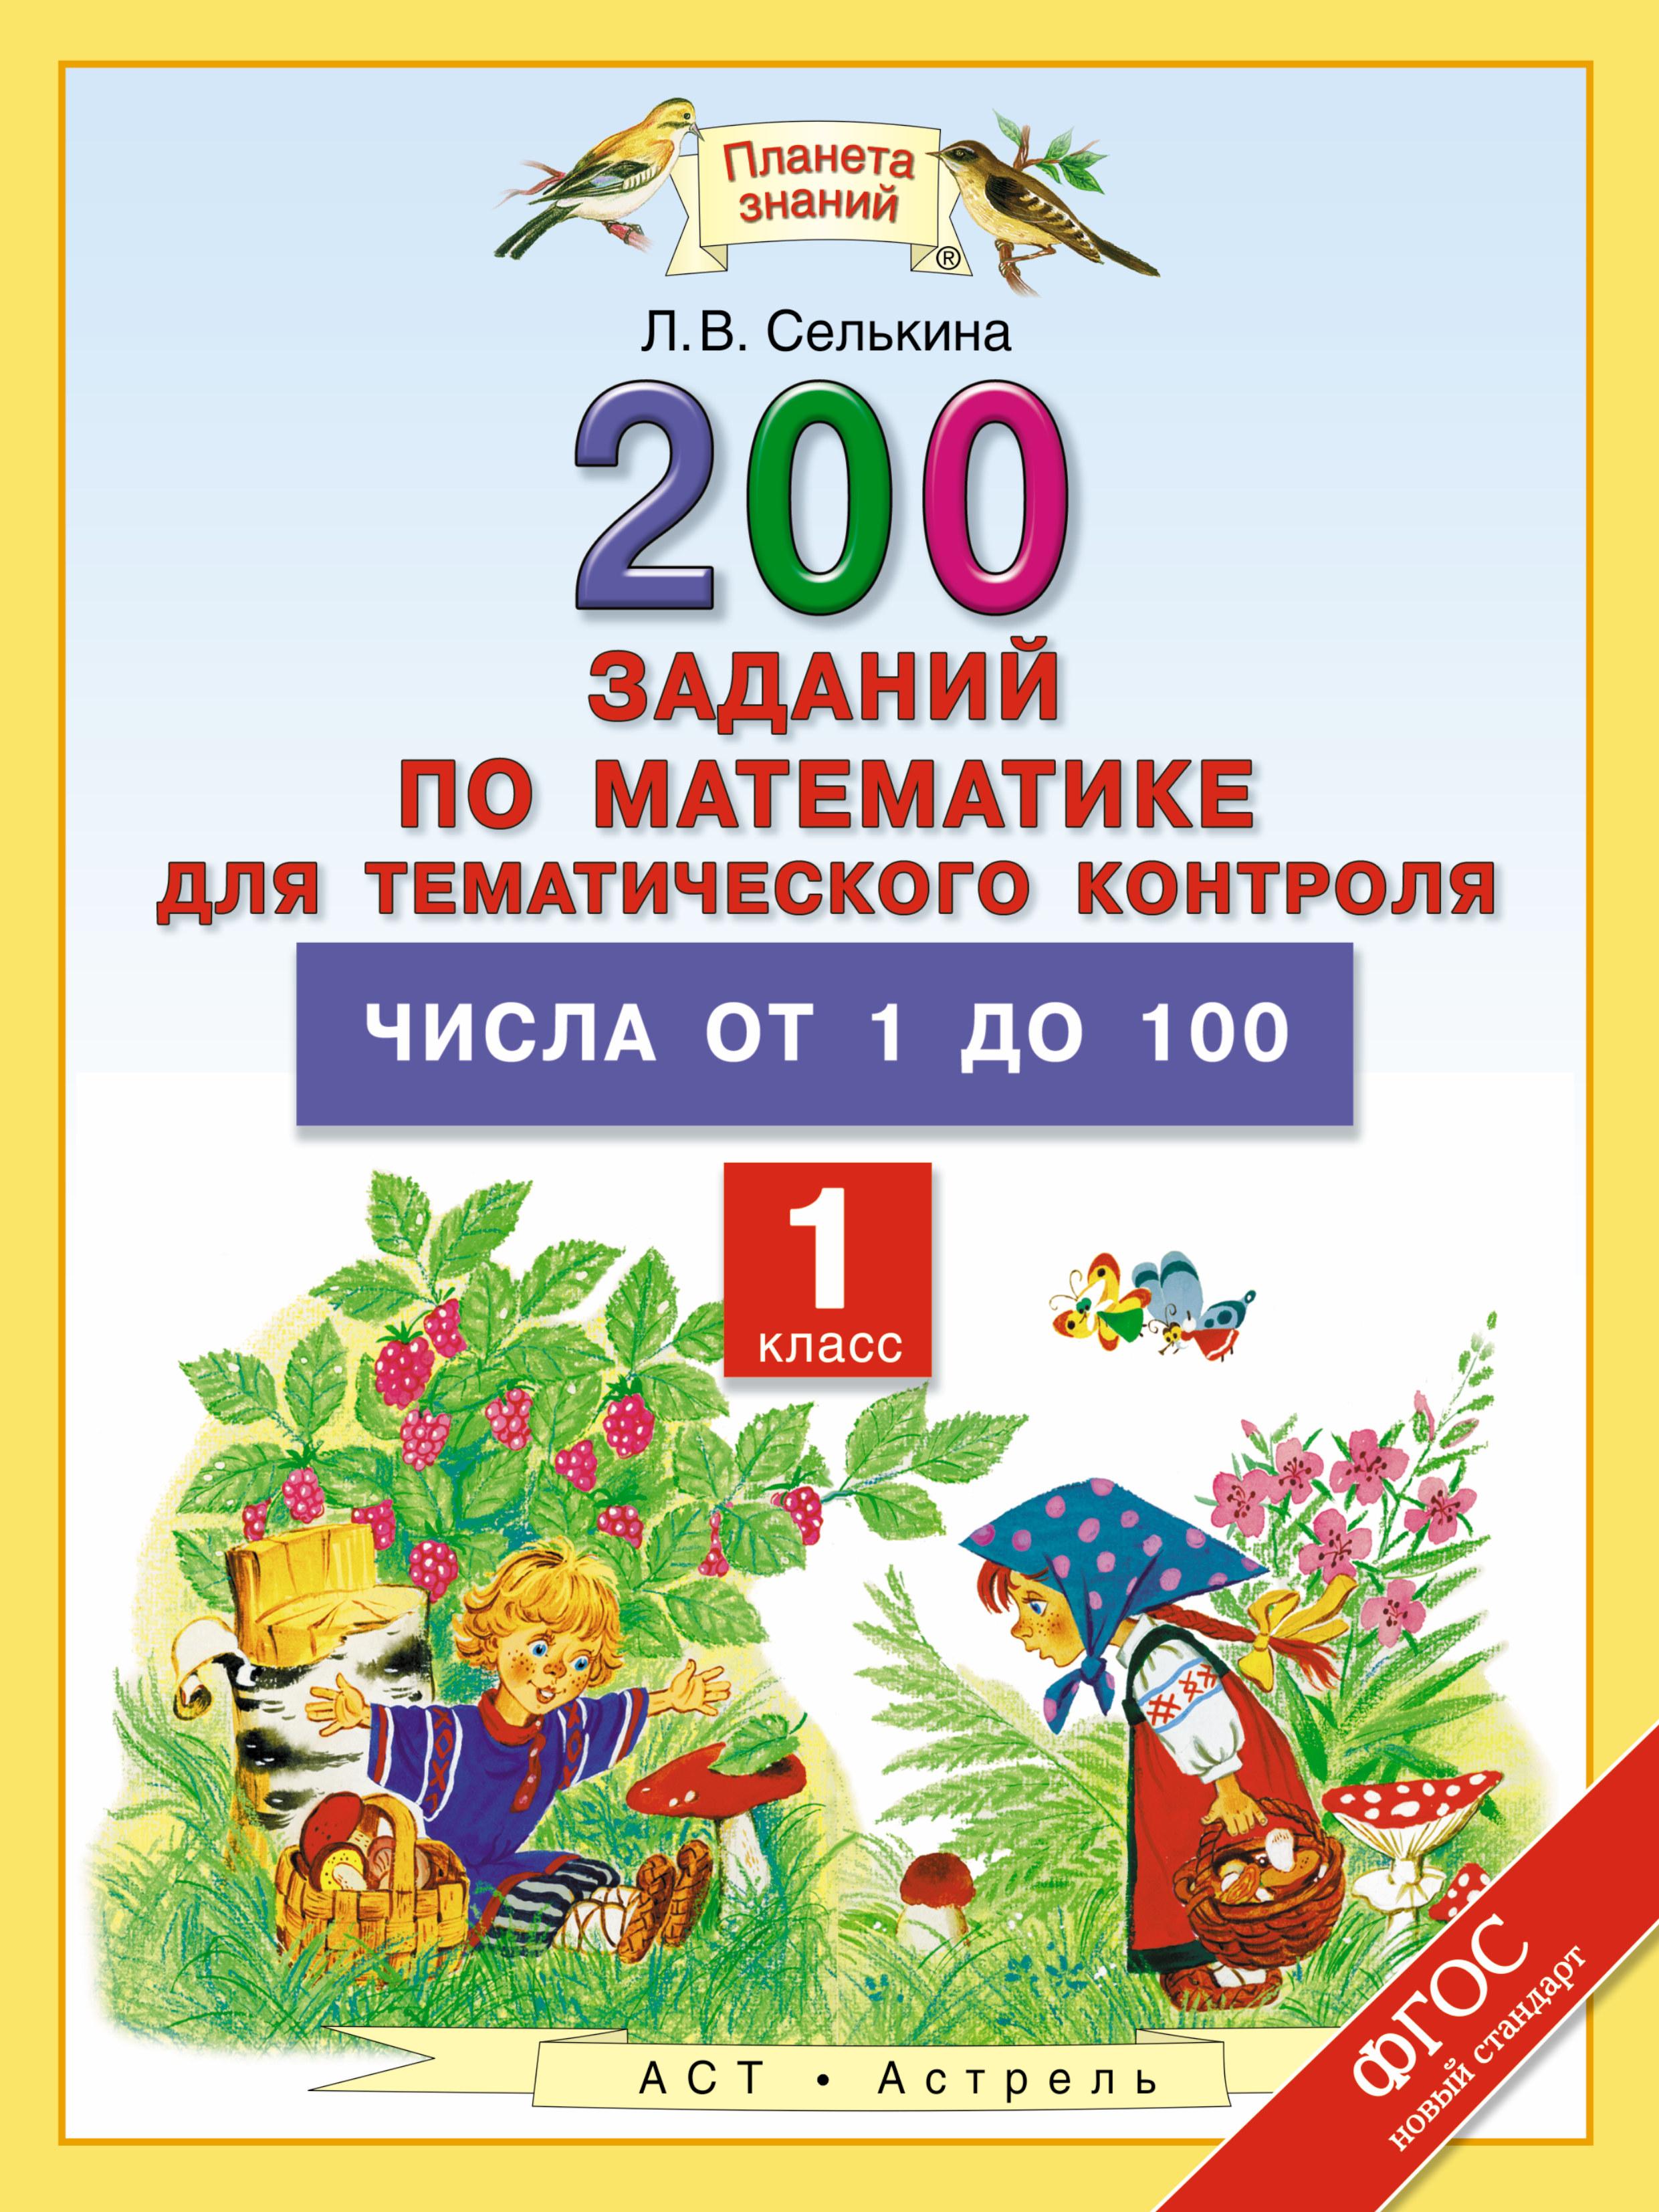 Числа от 1 до 100. Математика. 1 класс. 200 заданий по математике для тематического контроля